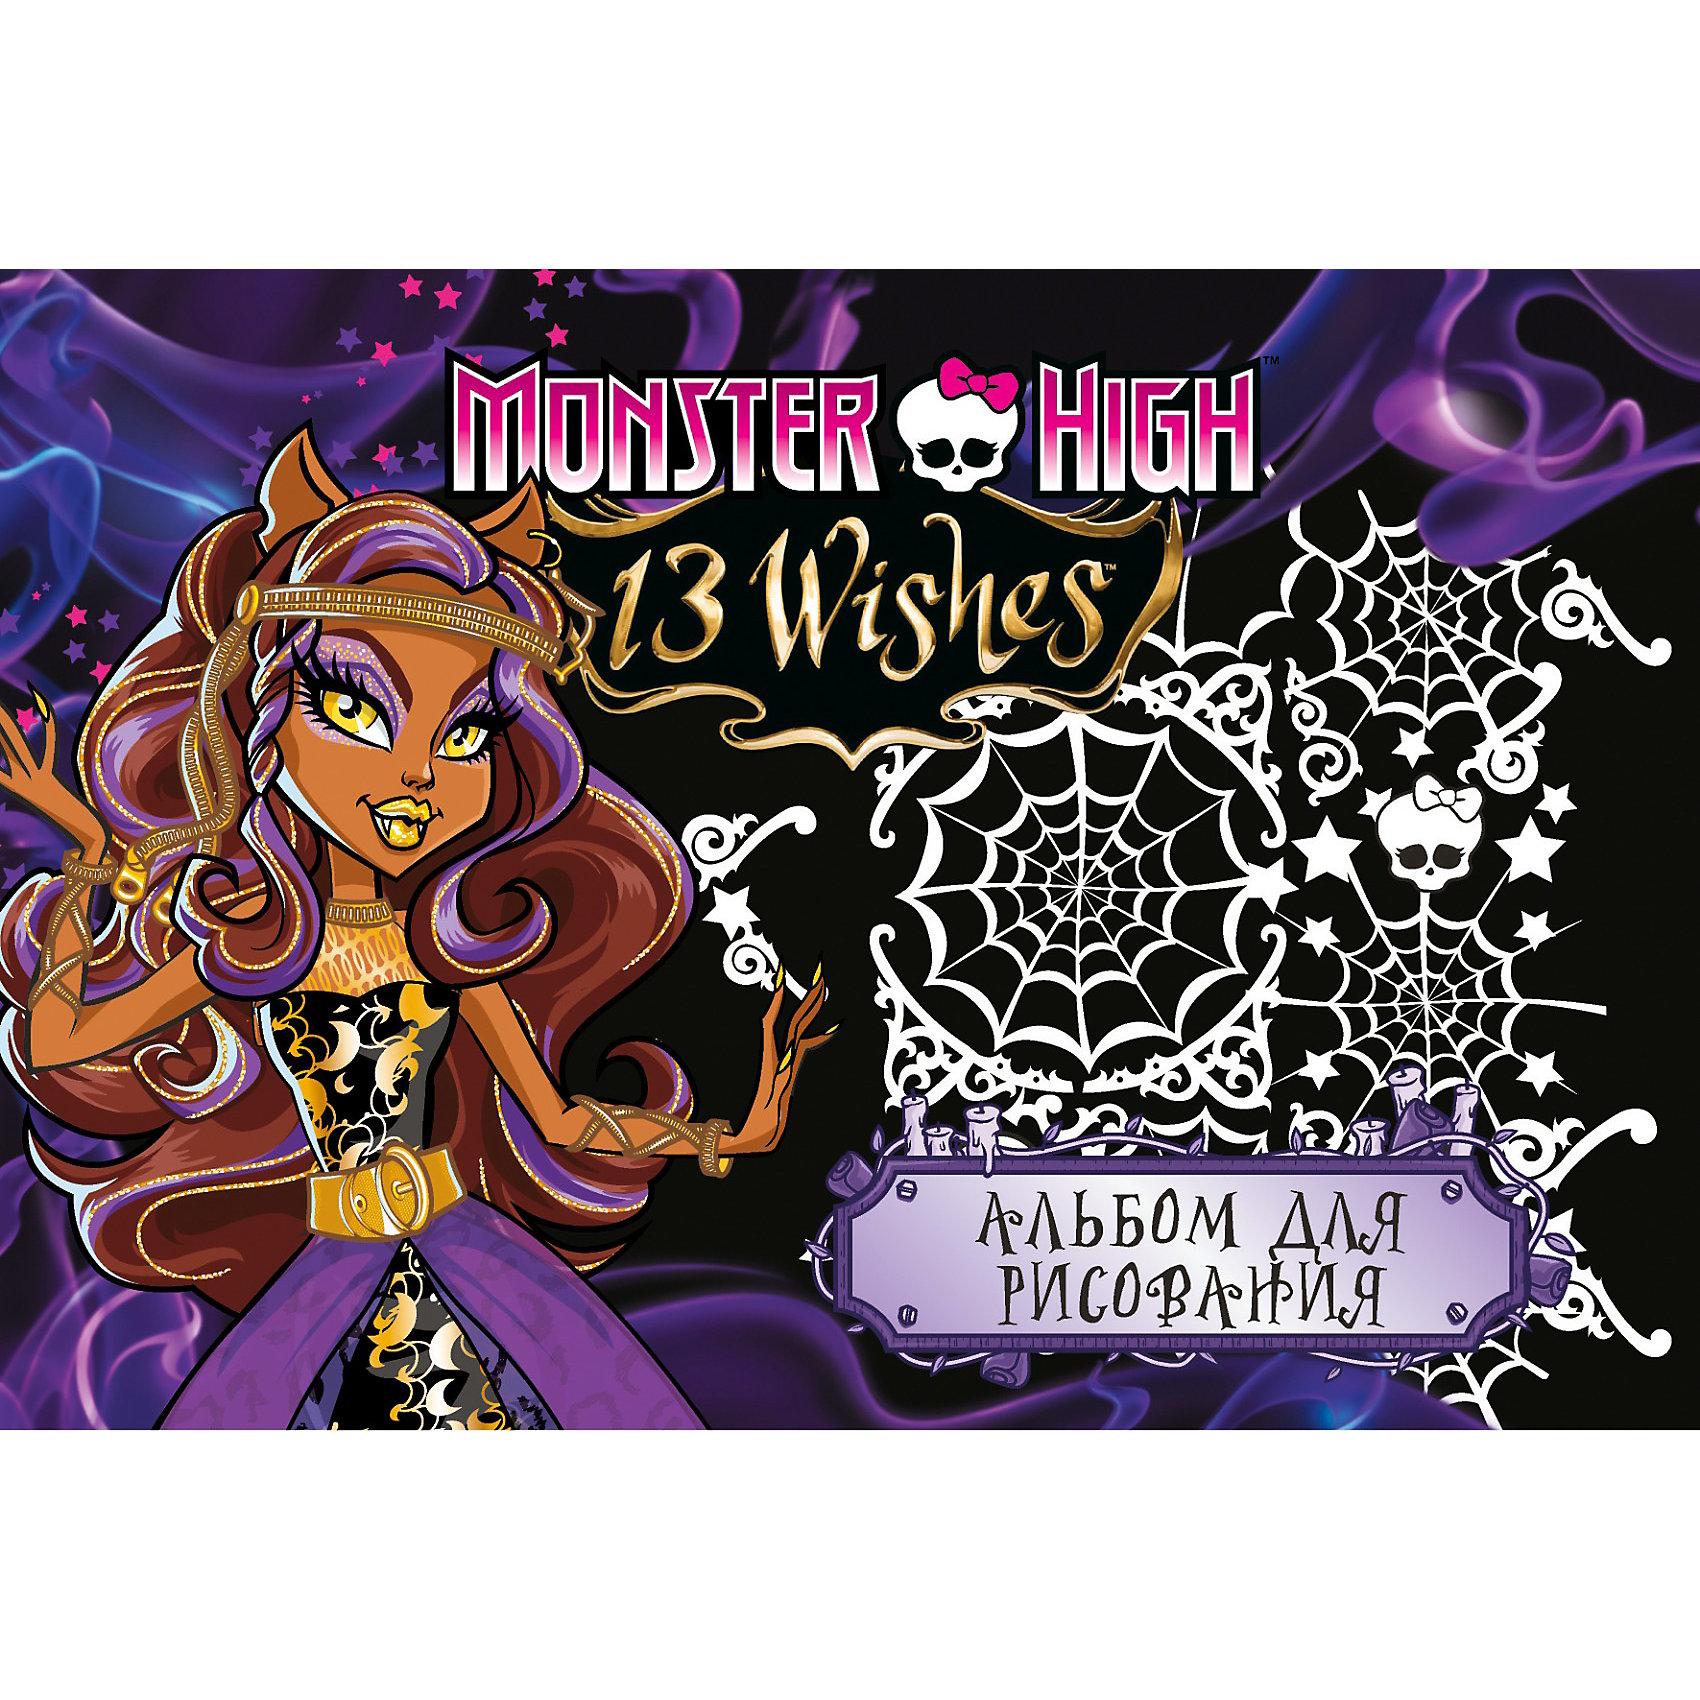 Альбом 40 л., Monster High, CENTRUMАльбом 40 л., Monster High, CENTRUM (Центрум) – замечательный подарок ребенку, поклоннику мультфильма «Школа Монстров».<br>Альбом для рисования, который состоит из 40 листов, скреплённых гибкой спиралью обязательно понравится Вашему ребёнку.<br><br>Дополнительная информация:<br><br>-Плотность: 80 гр.<br>-Обложка: мелован. 235 гр/м2<br>-Размеры: 295х20Х10мм.<br><br>Альбом 40 л., Monster High, CENTRUM (Центрум) можно купить в нашем интернет-магазине.<br><br>Ширина мм: 10<br>Глубина мм: 20<br>Высота мм: 295<br>Вес г: 230<br>Возраст от месяцев: 84<br>Возраст до месяцев: 144<br>Пол: Женский<br>Возраст: Детский<br>SKU: 3540523